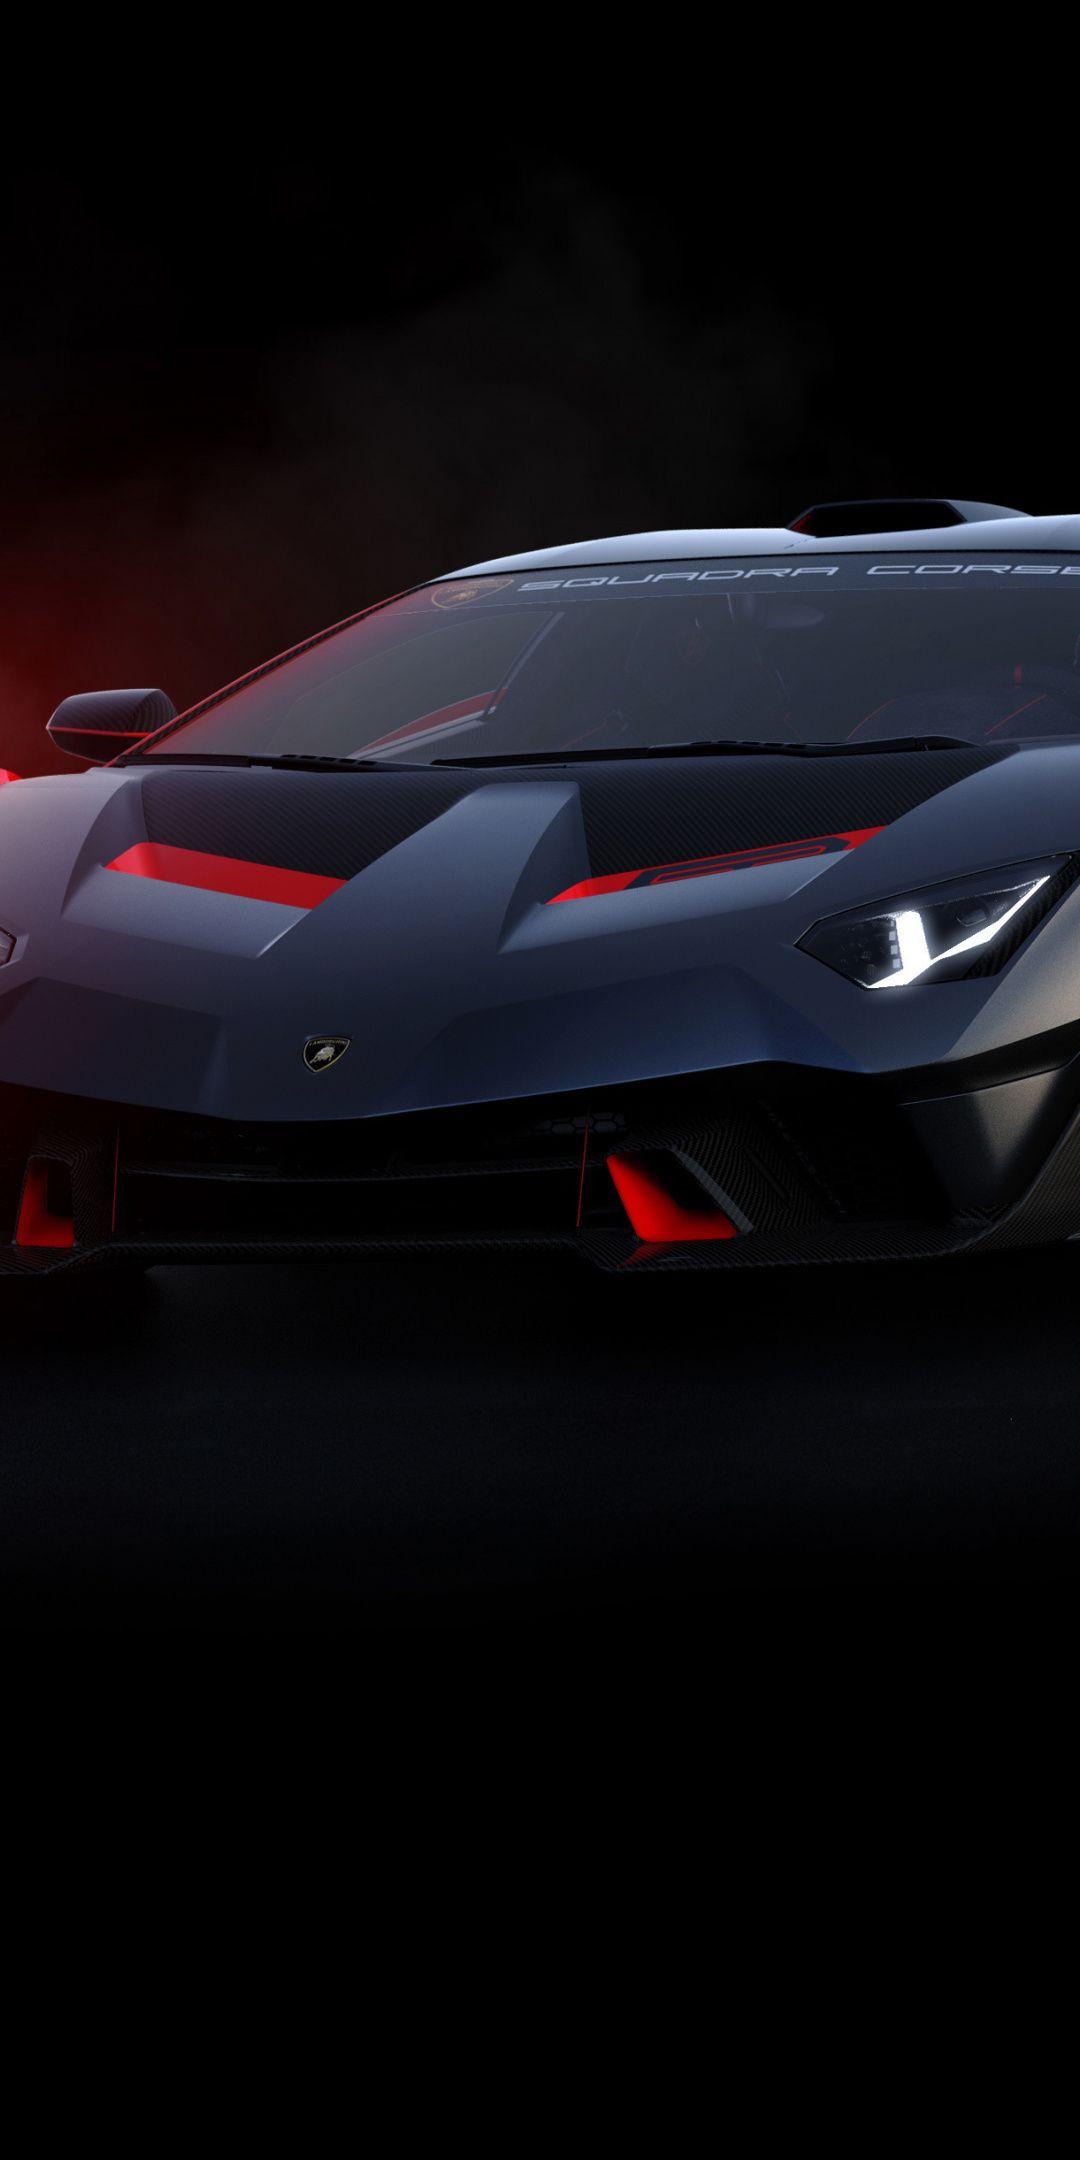 2018 Lamborghini Sc18 Sports Car Front 1080x2160 Wallpaper Sports Car Fast Cars New Jeep Truck